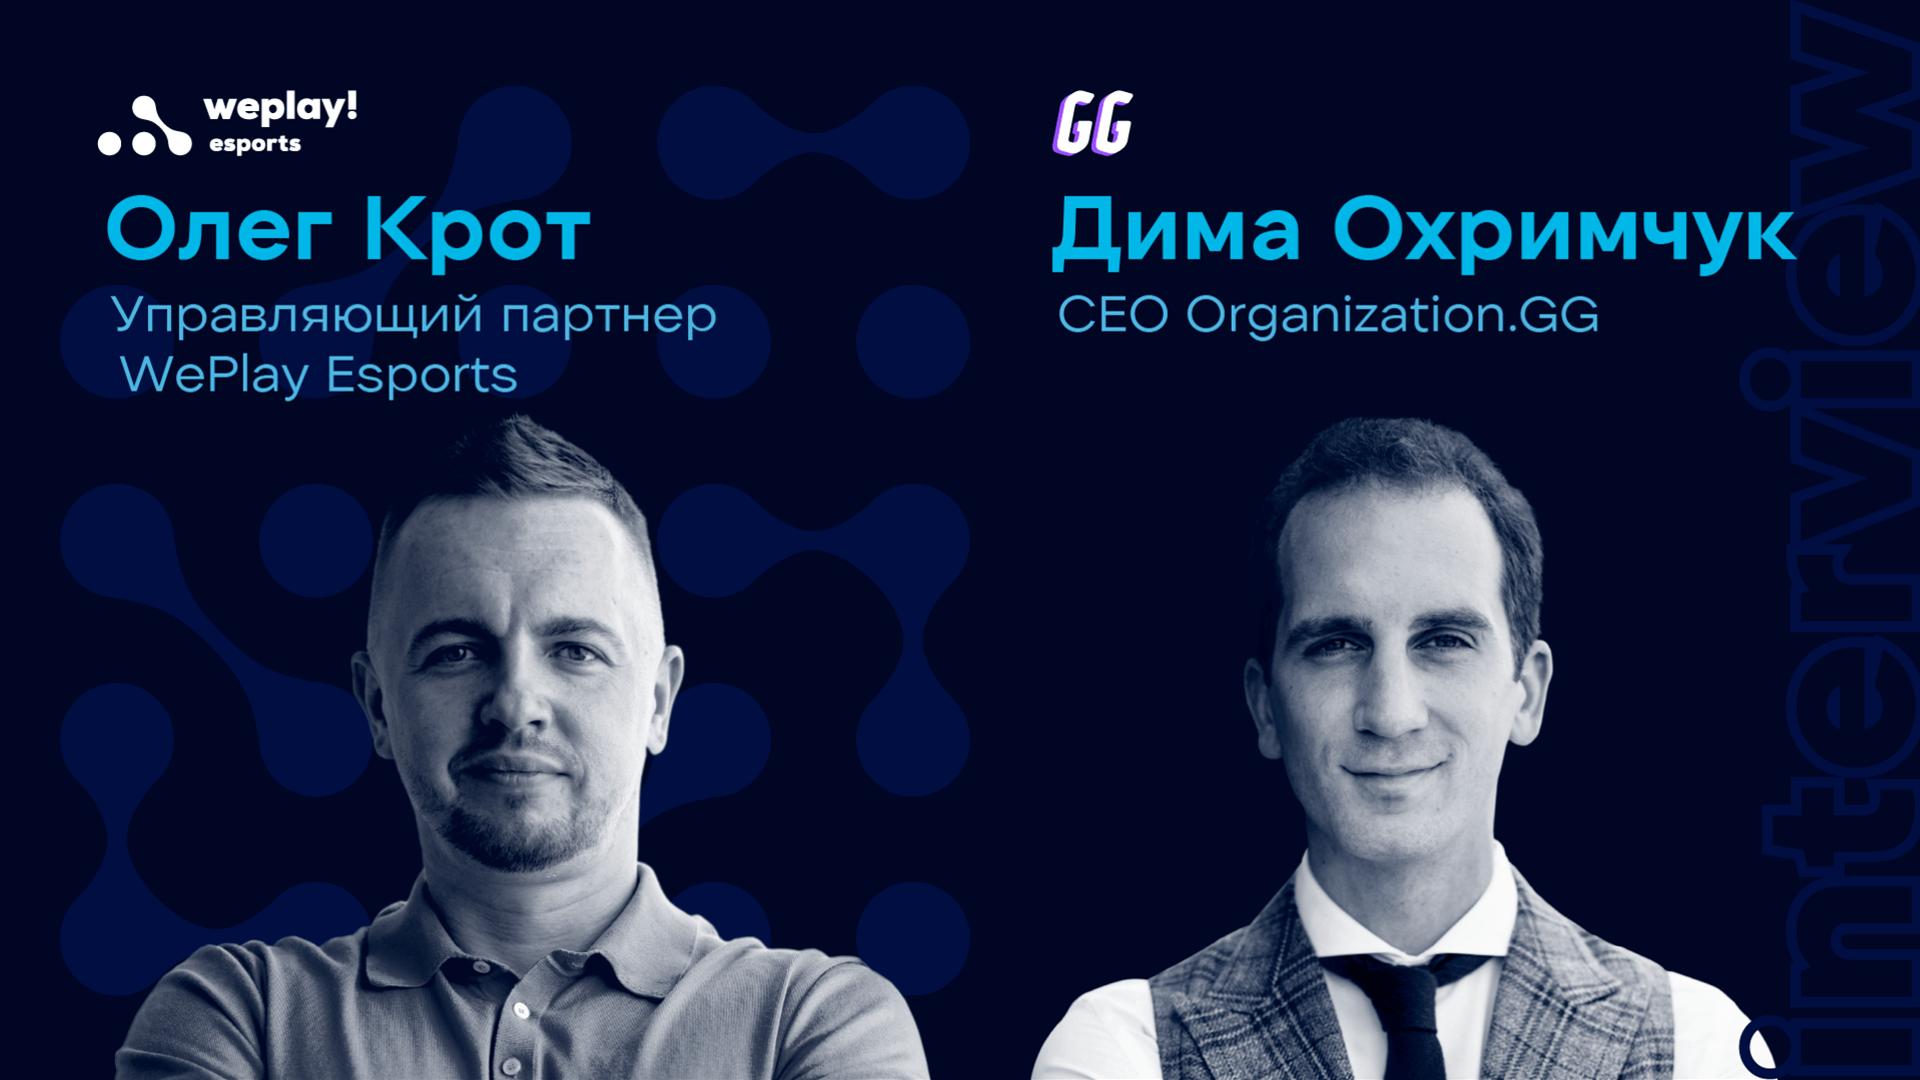 WePlay Esports инвестирует в Organization.GG: Какую выгоду получат обе компании?